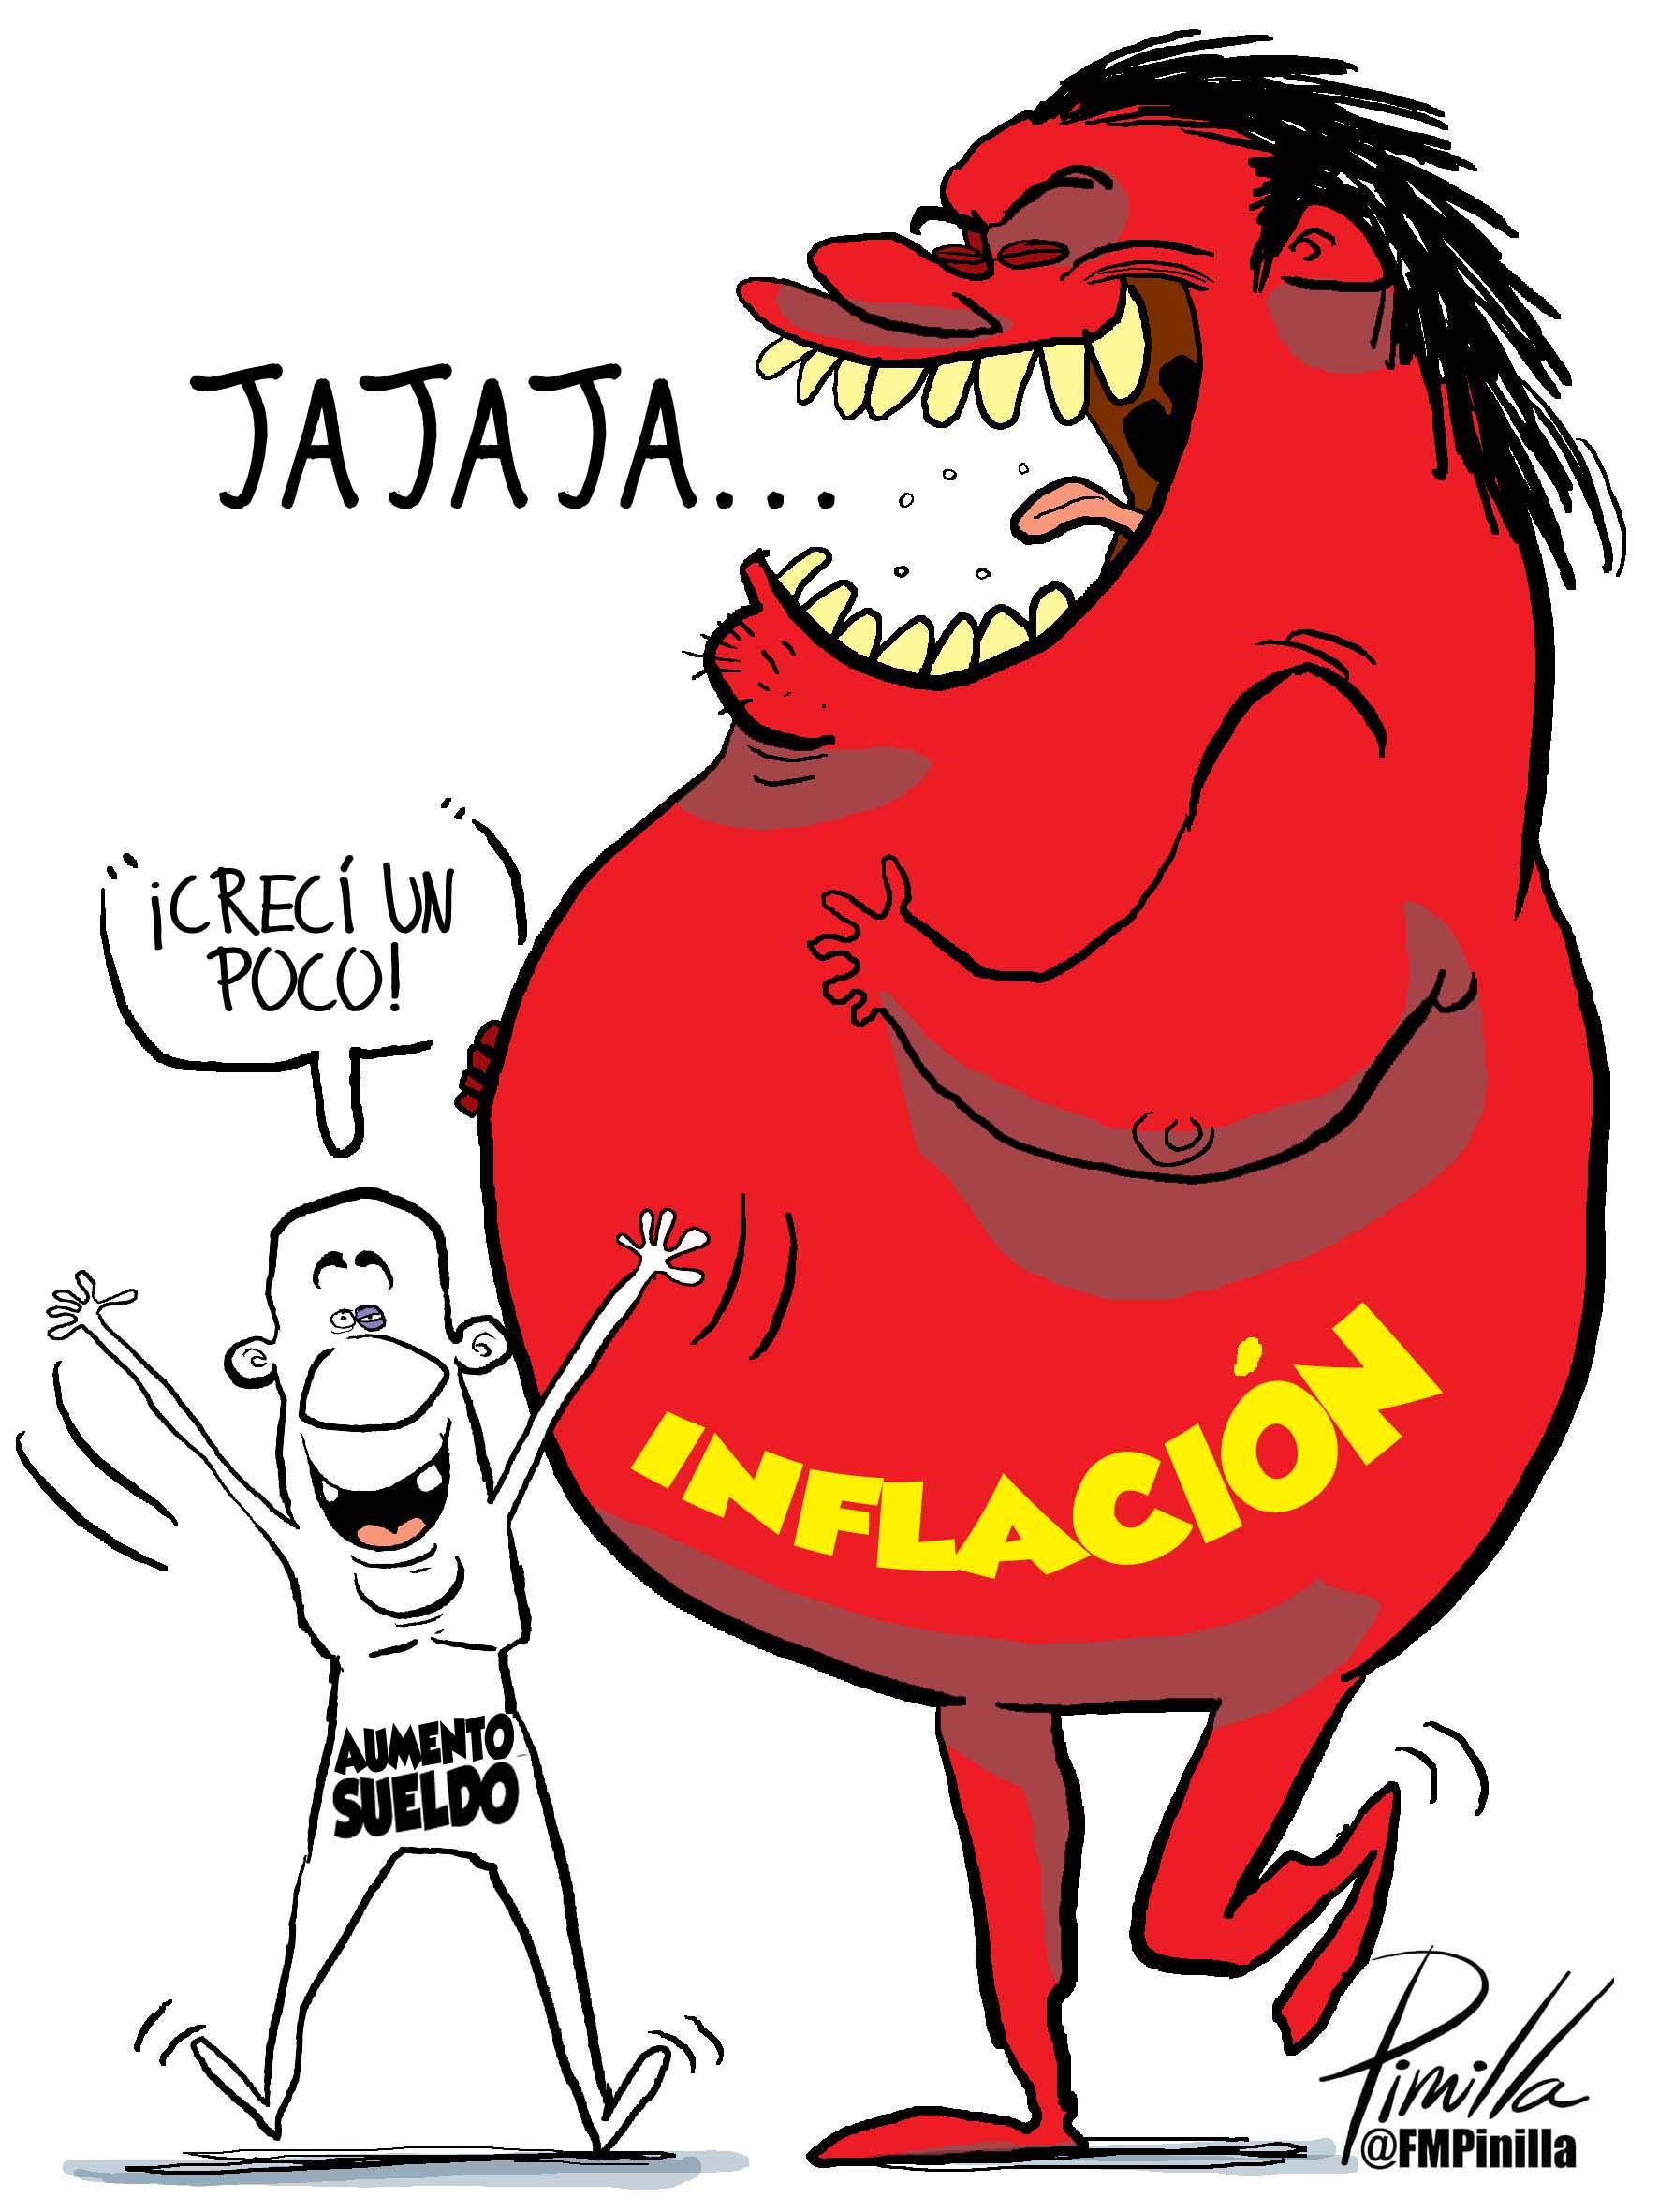 El Diccionario Ingls Espaol Wordreferencecom ... - photo#8